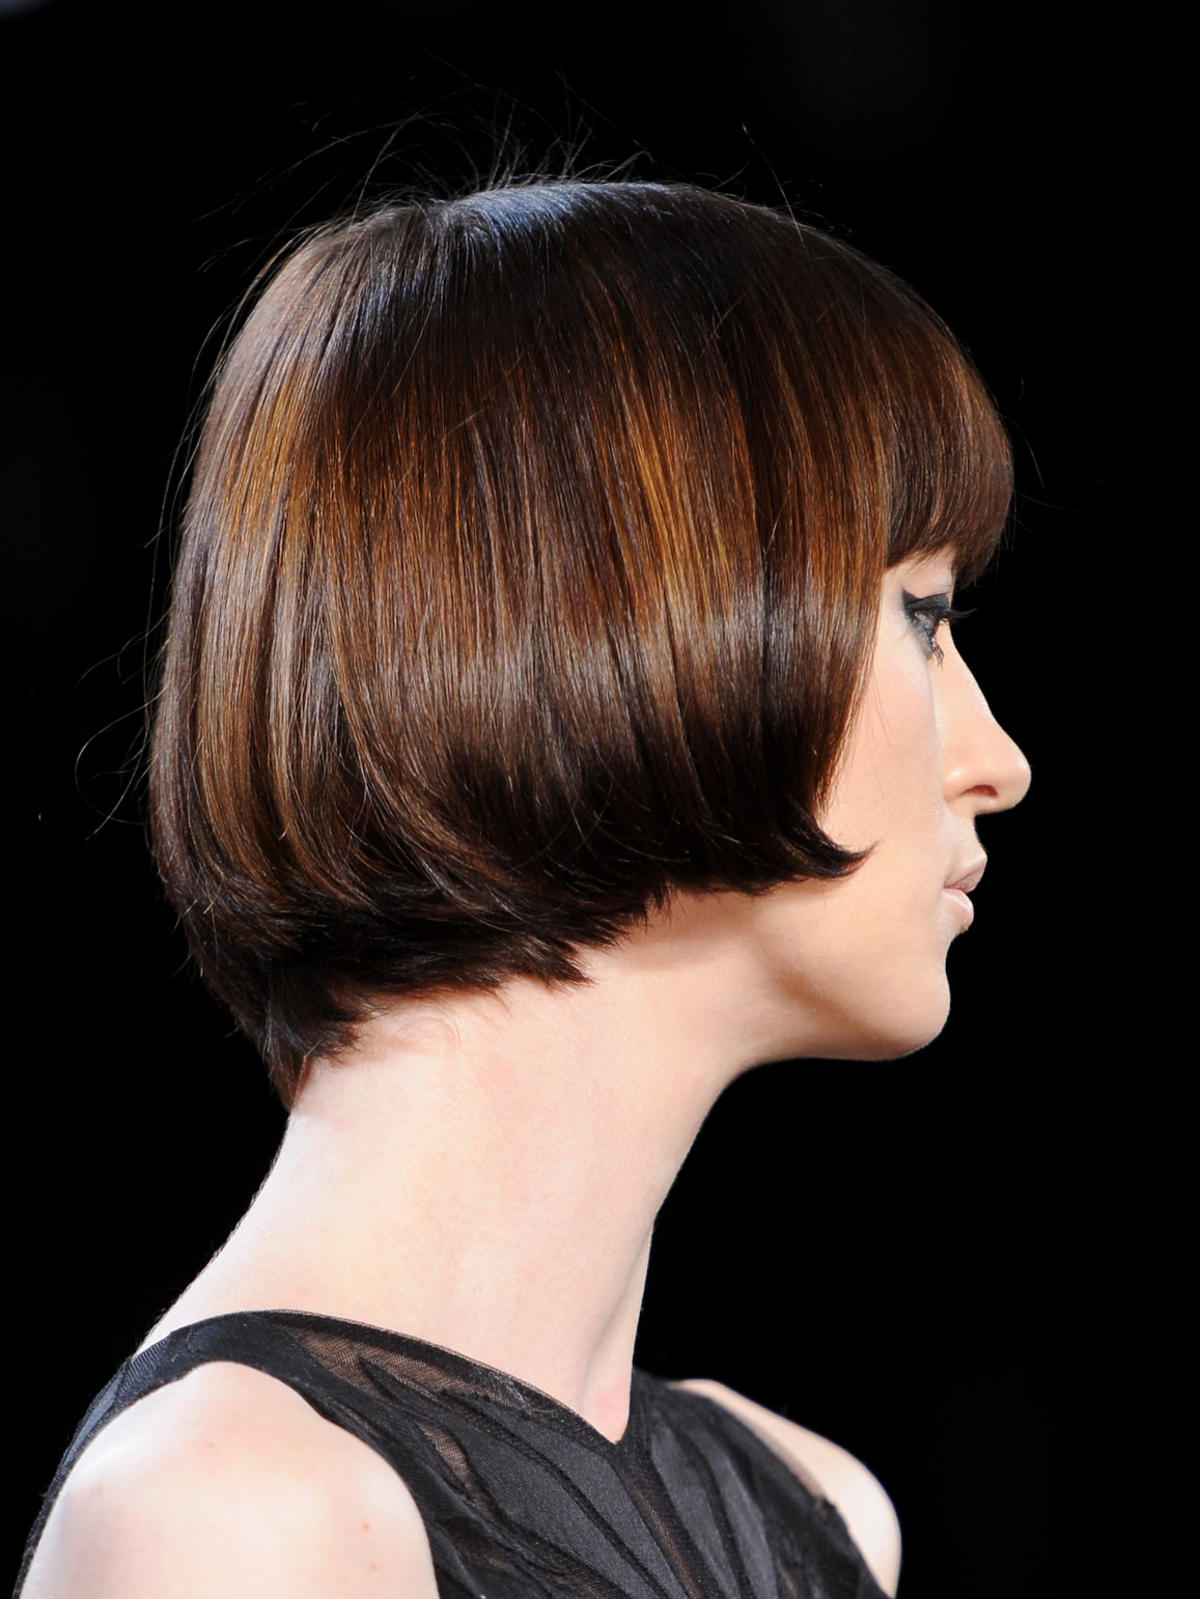 Krótkie włosy z brązowymi refleksami Siriano, lato 2014